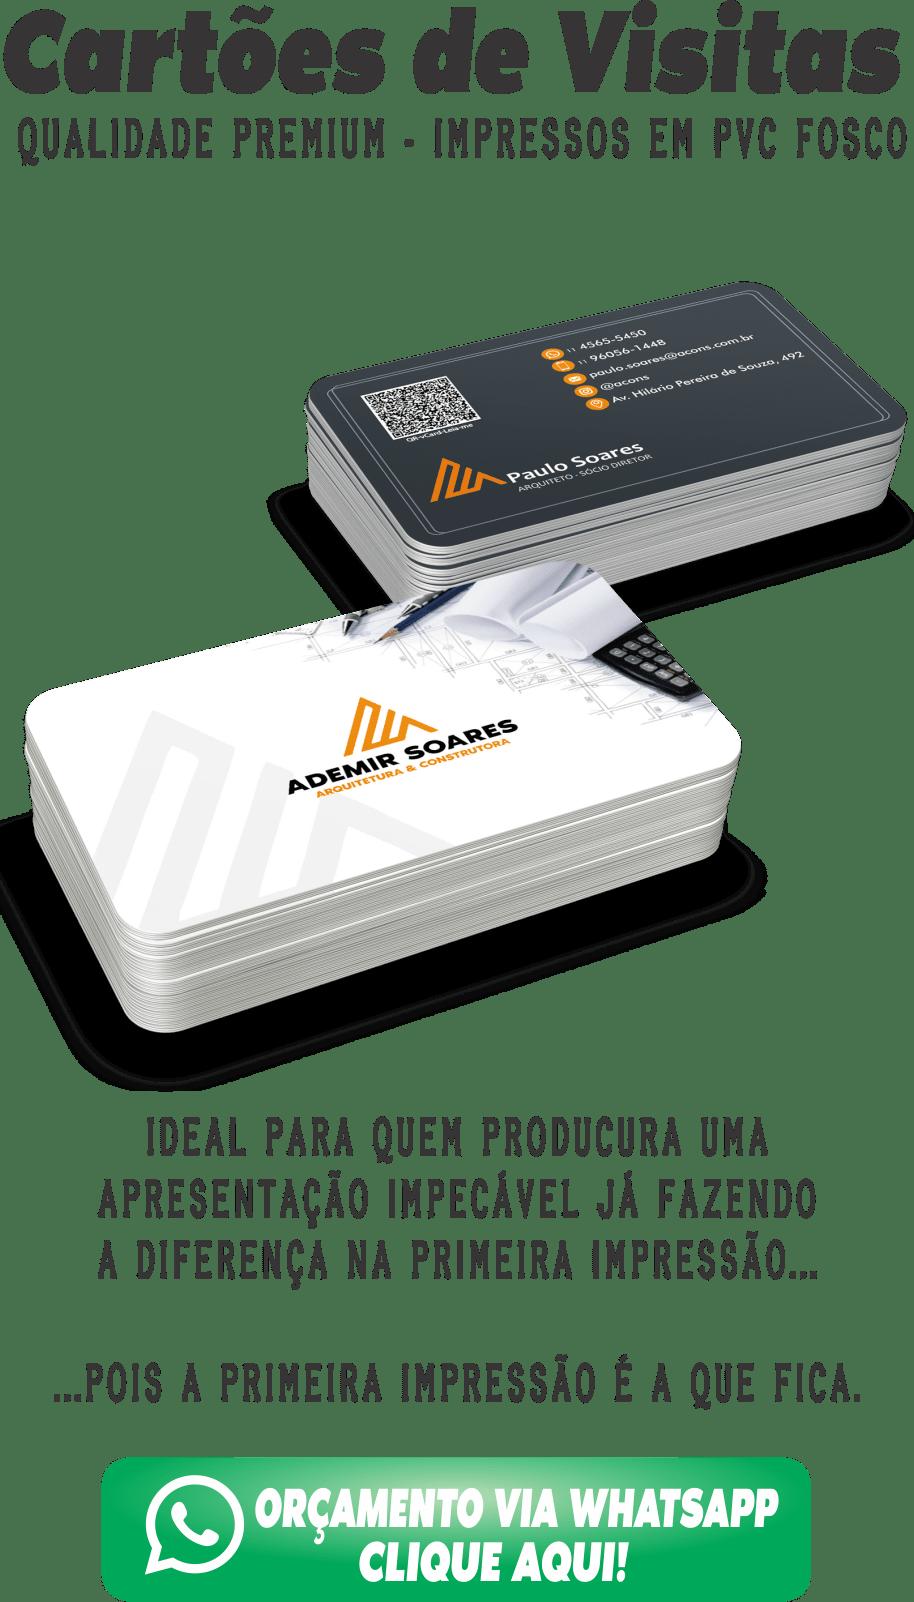 cartão-de-visita-em-pvc-fosco